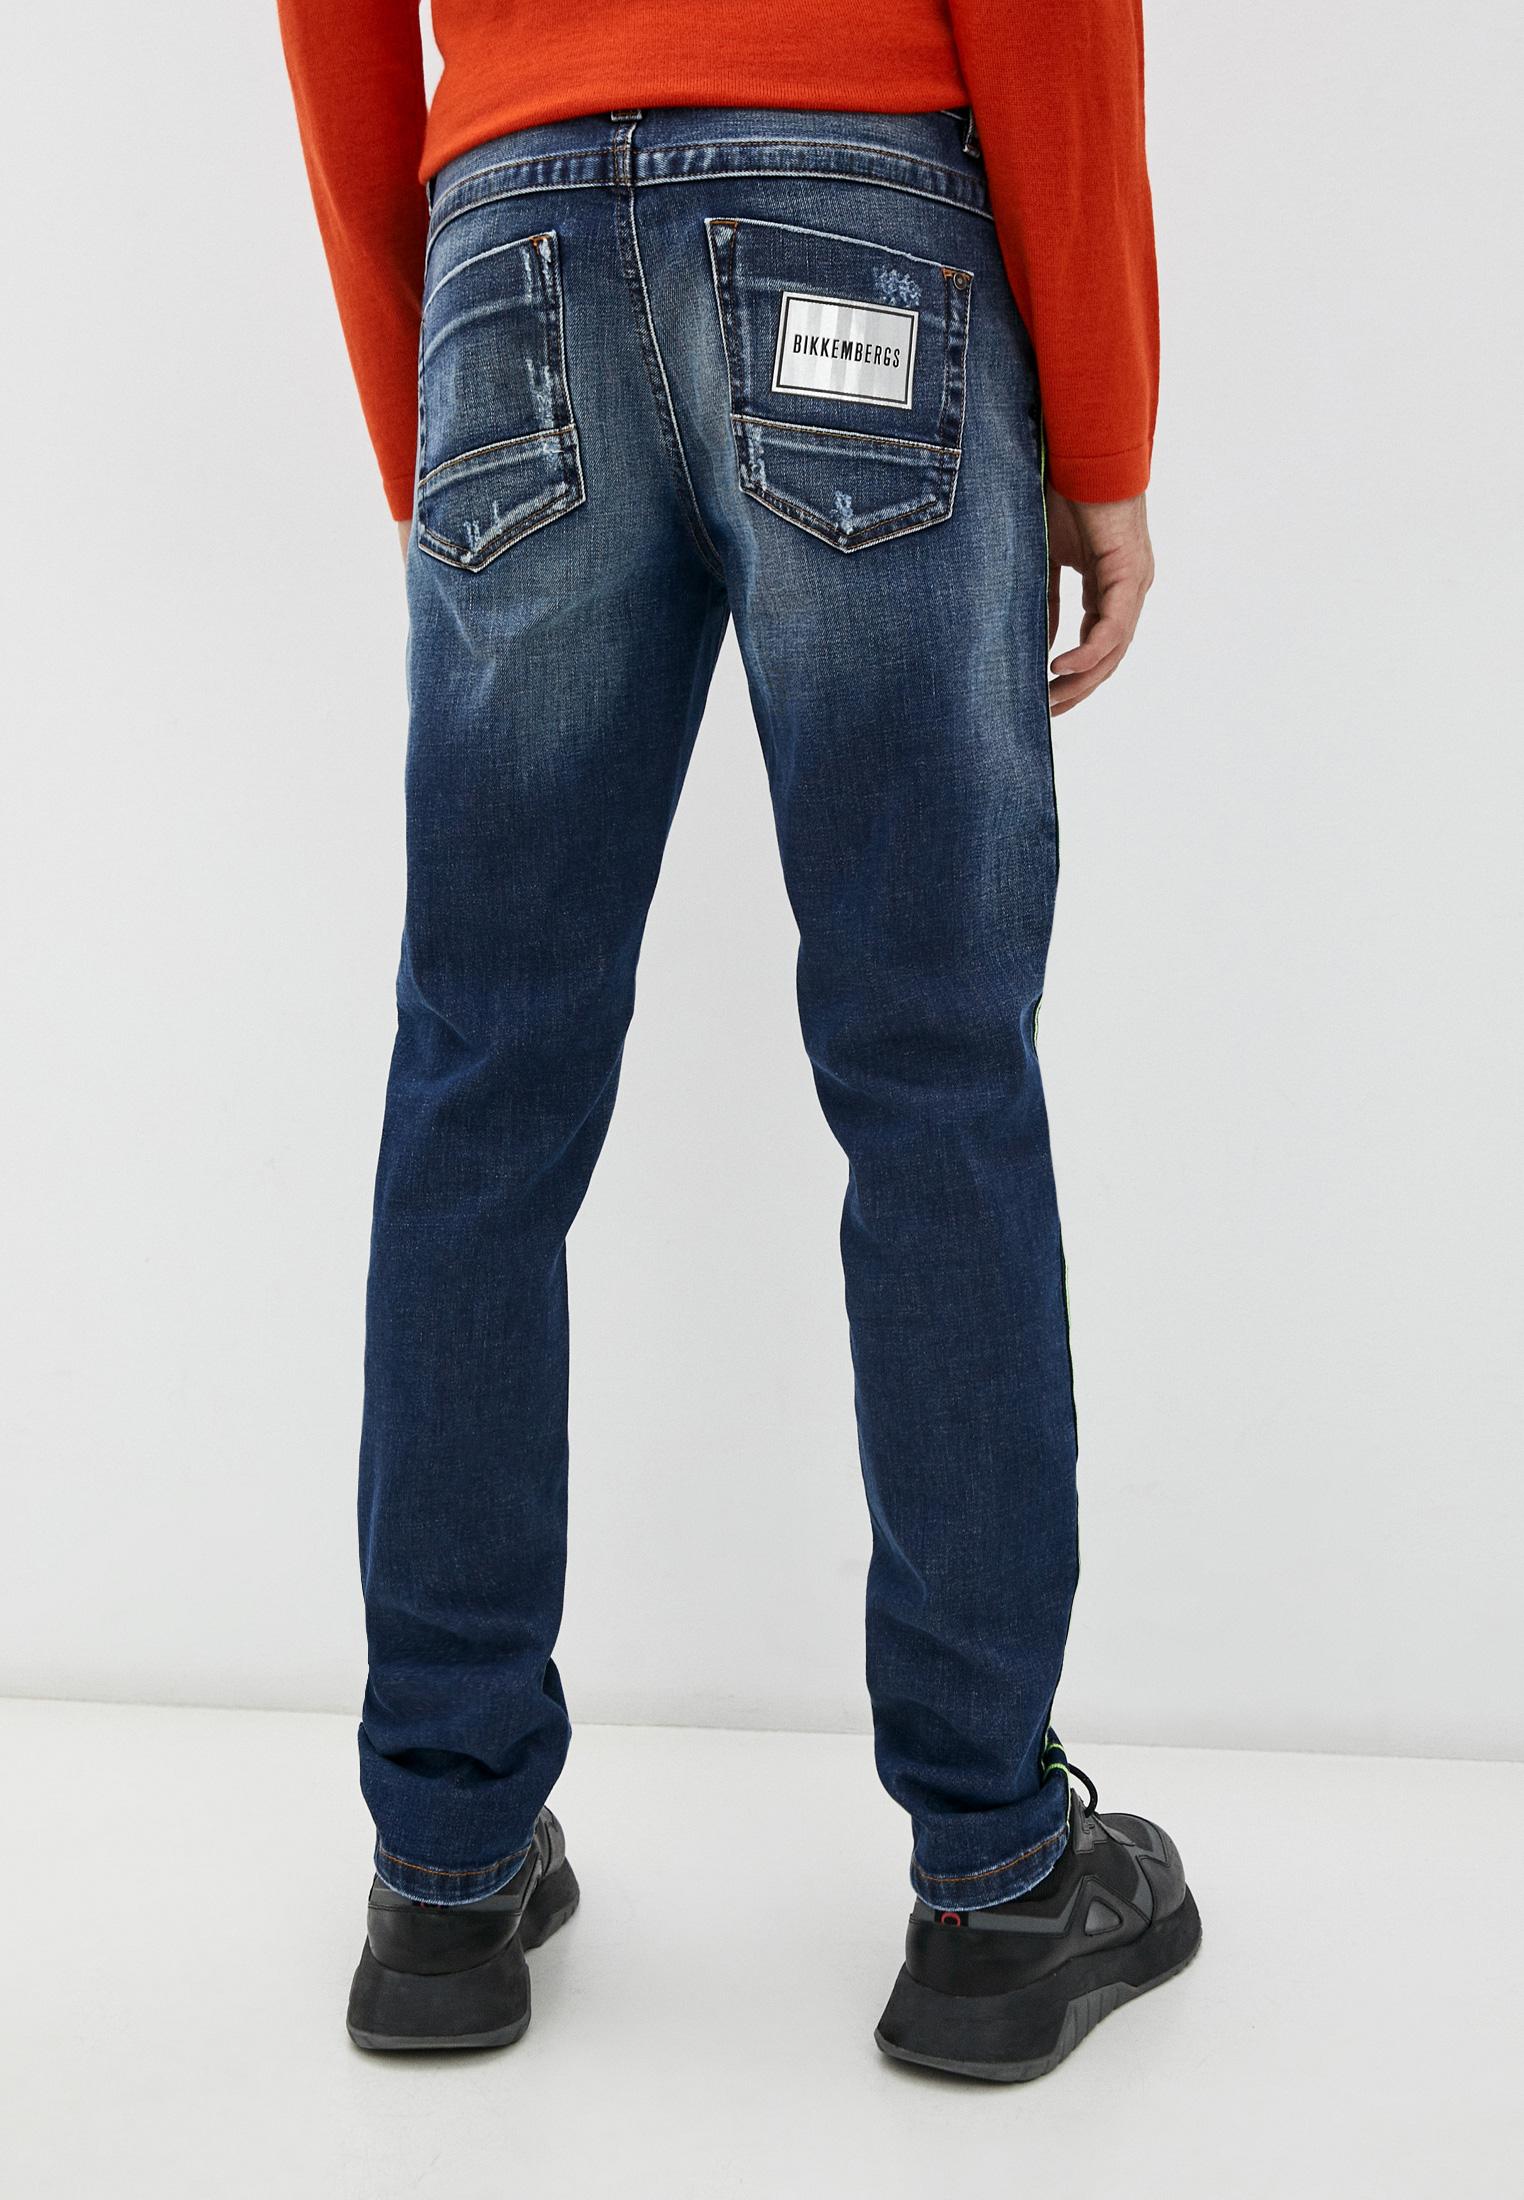 Зауженные джинсы Bikkembergs C Q 101 07 S 3182: изображение 4